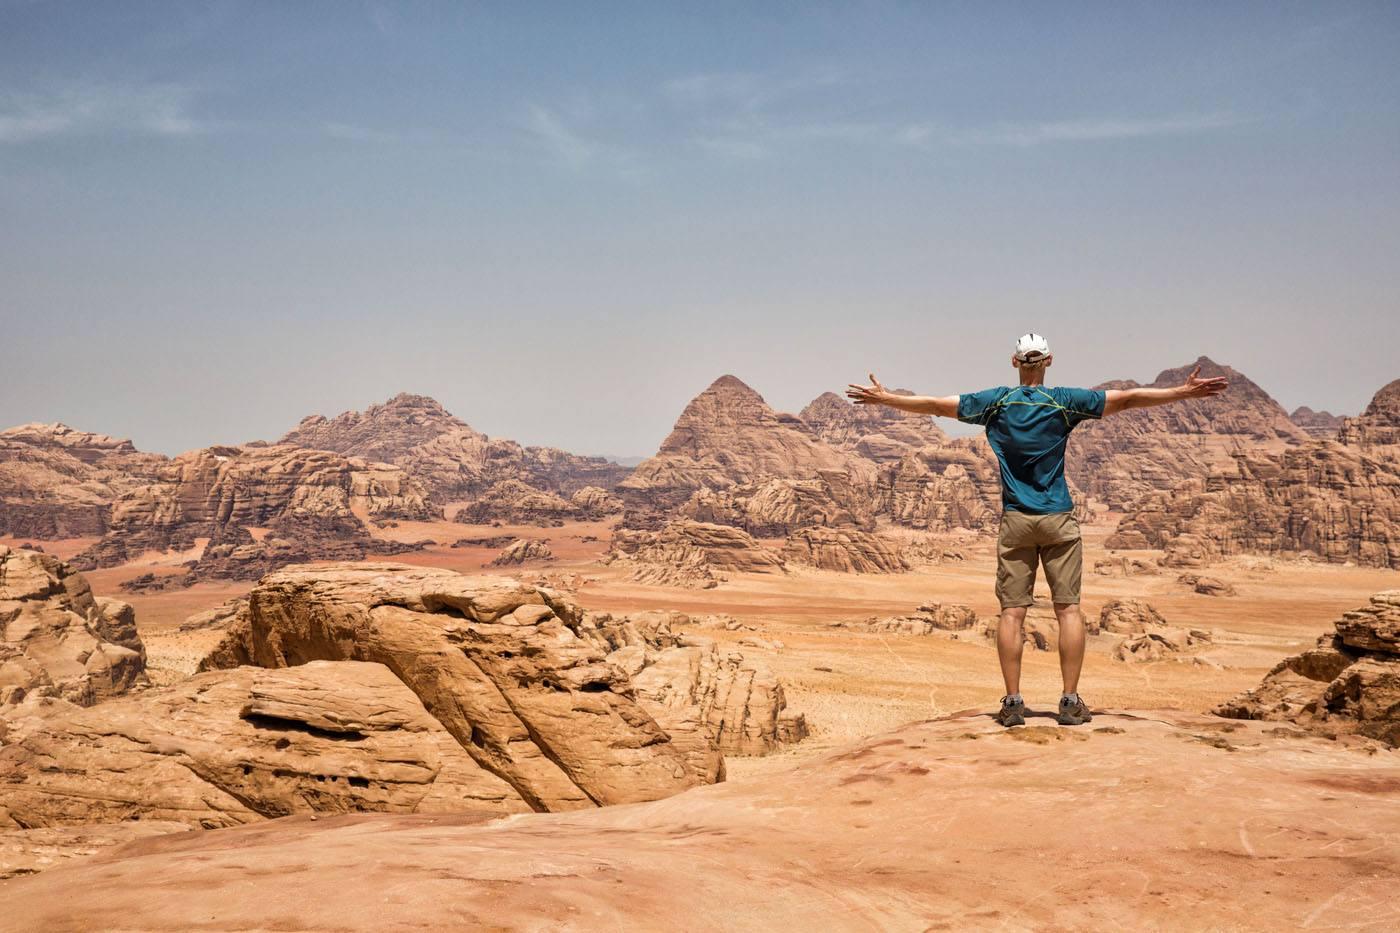 Tim Rivenbark in Jordan